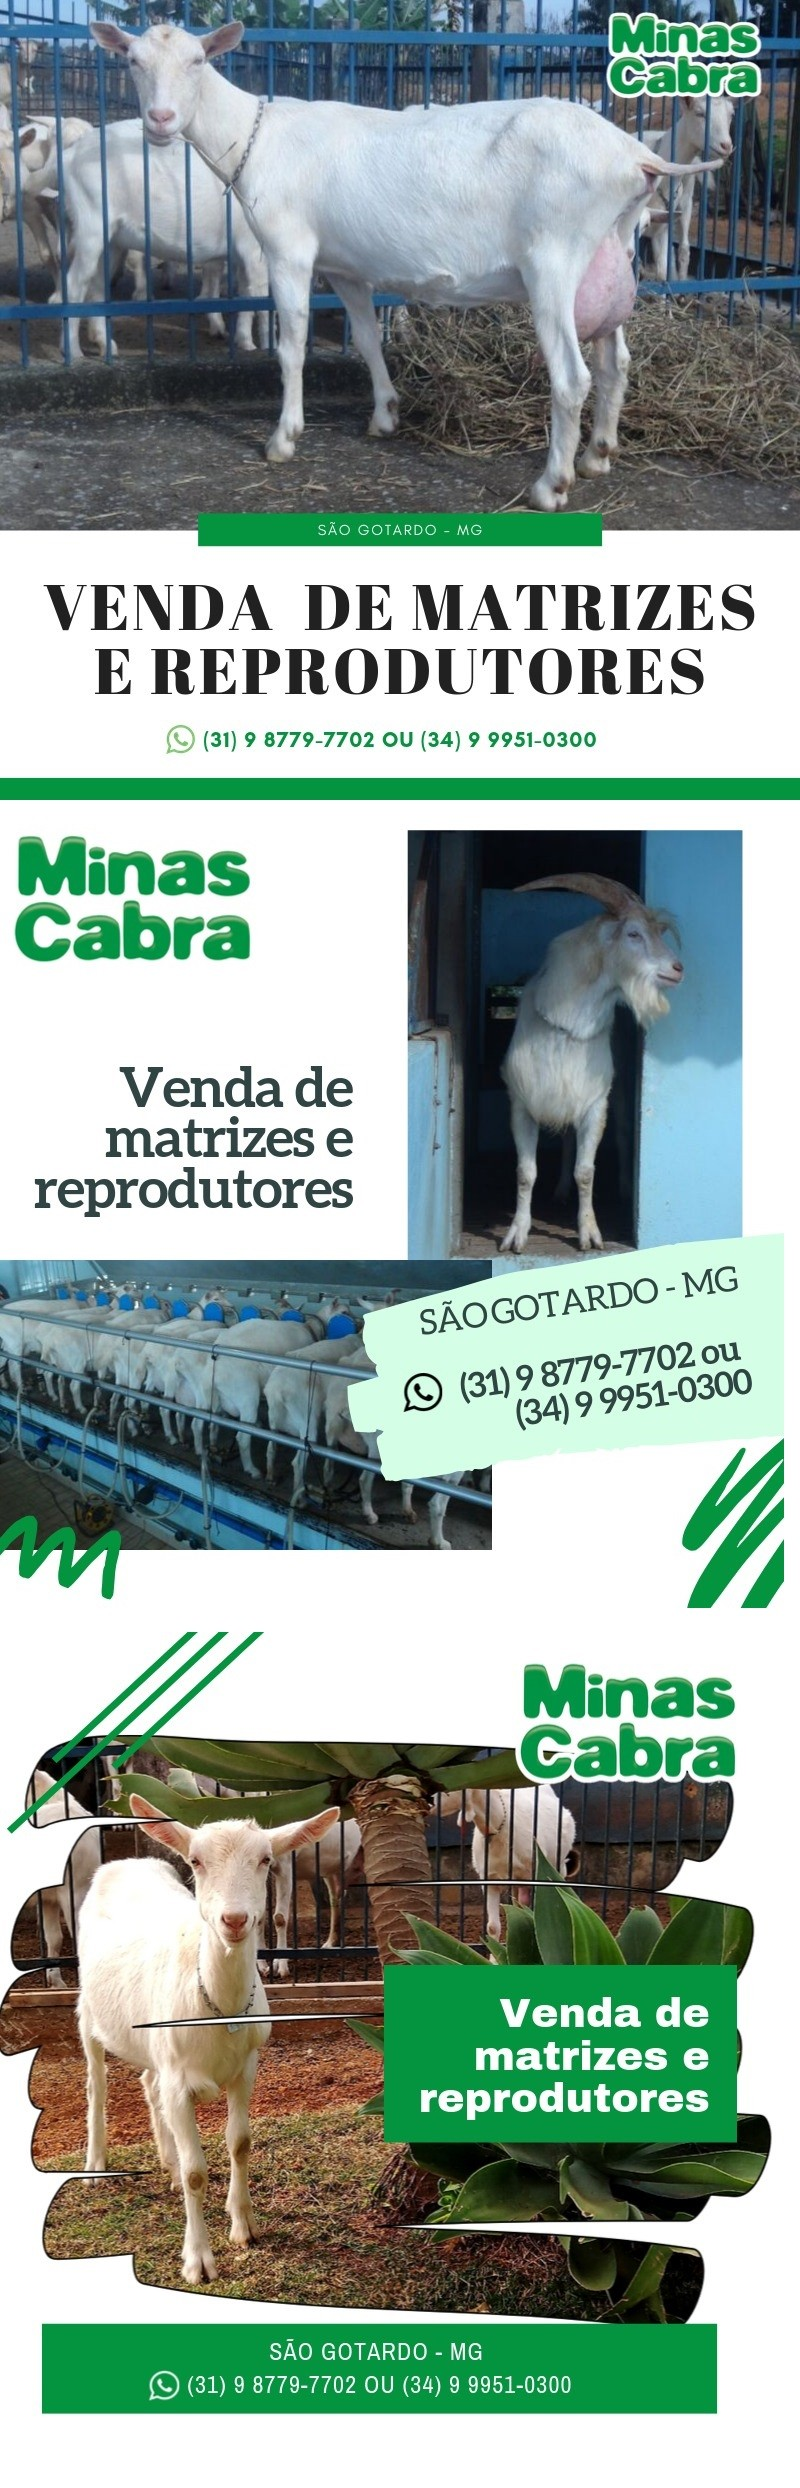 VENDA DE MATRIZES E REPRODUTORES MINAS CABRA